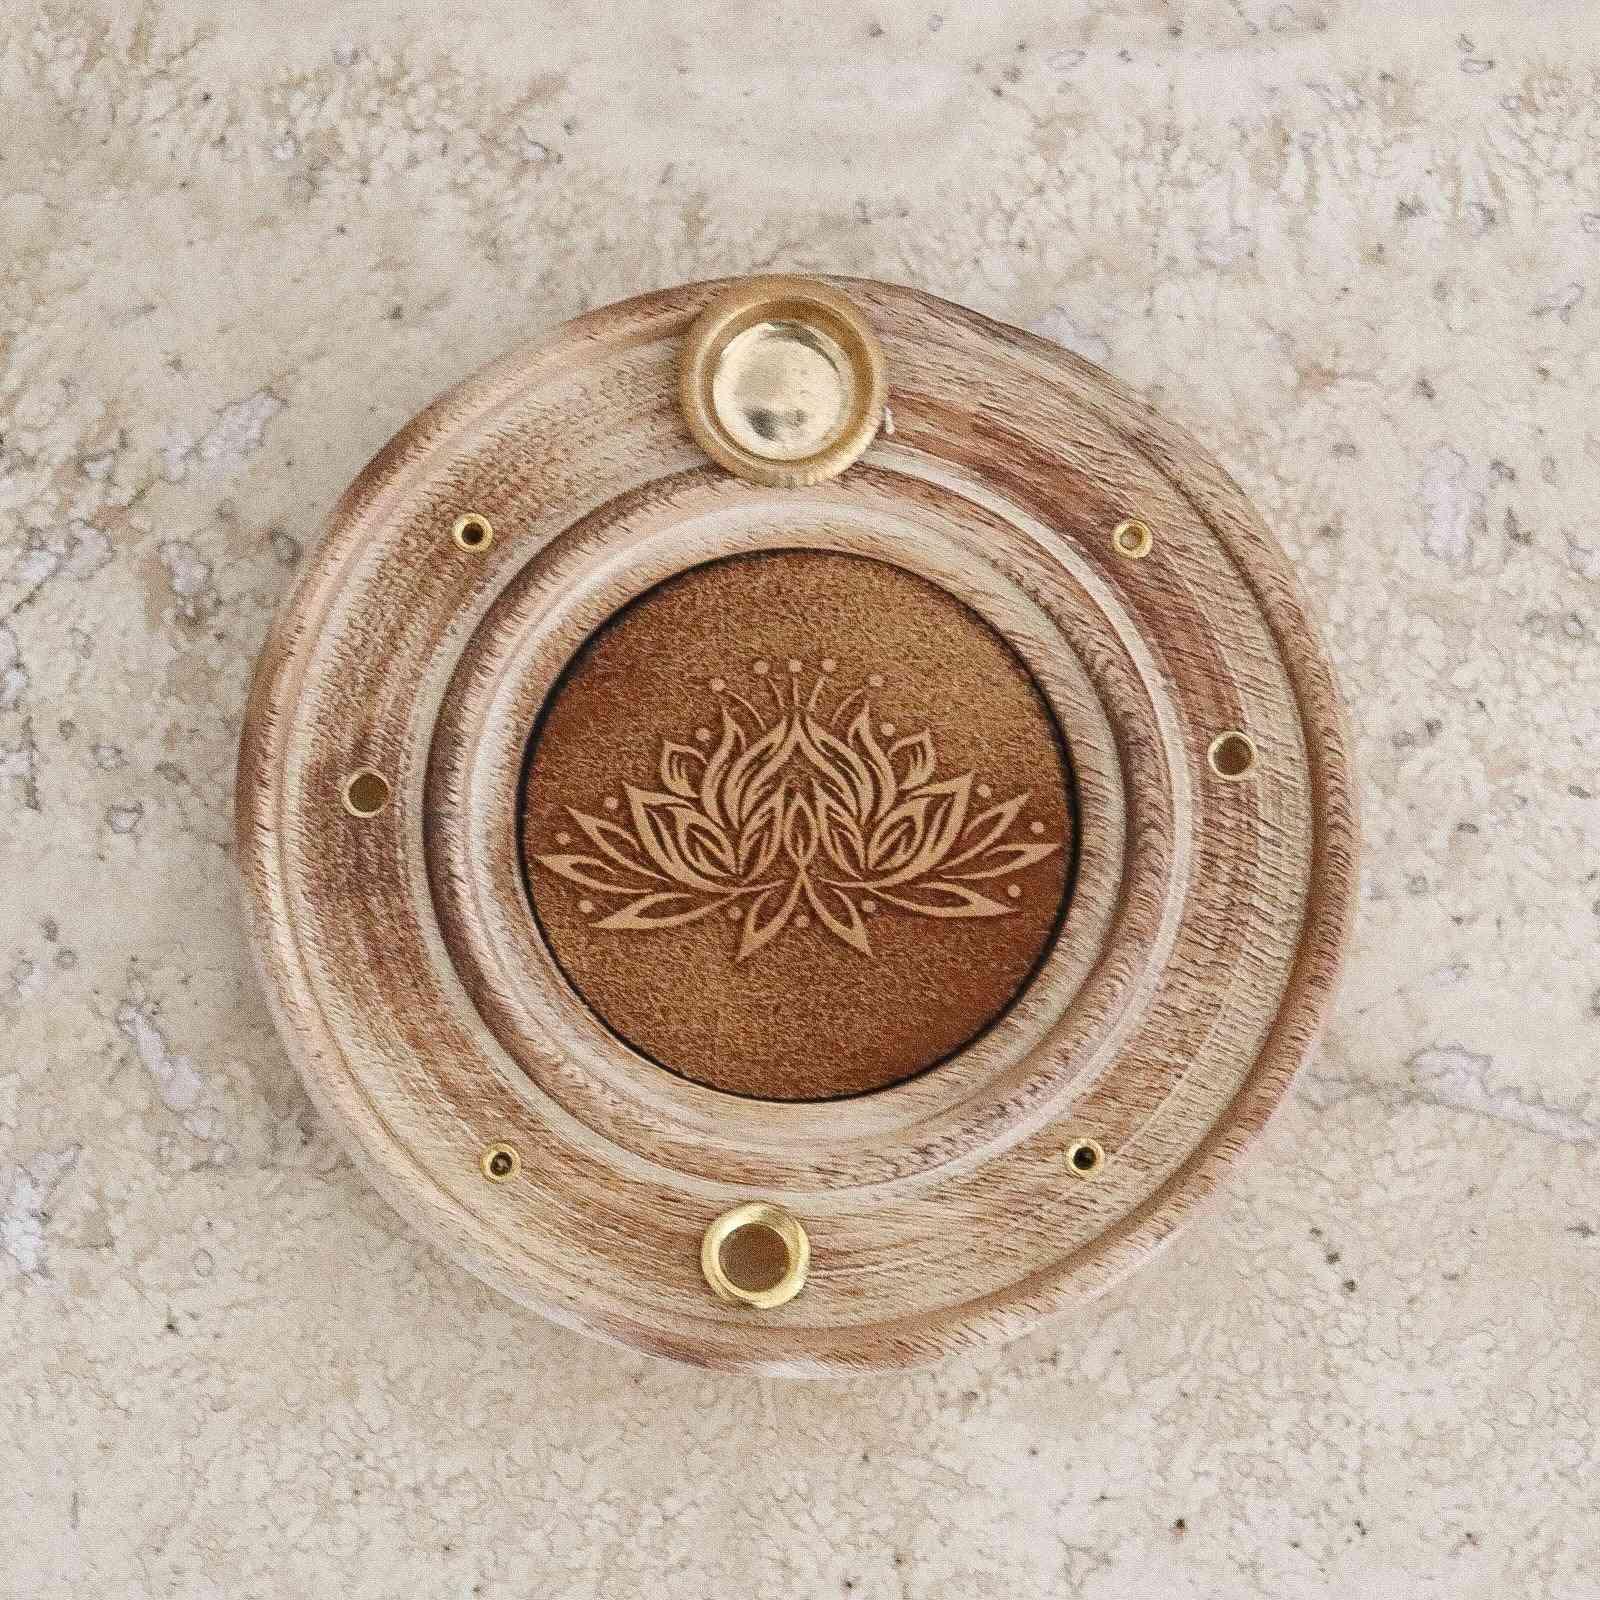 Engraved Lotus Flower - Incense Holder